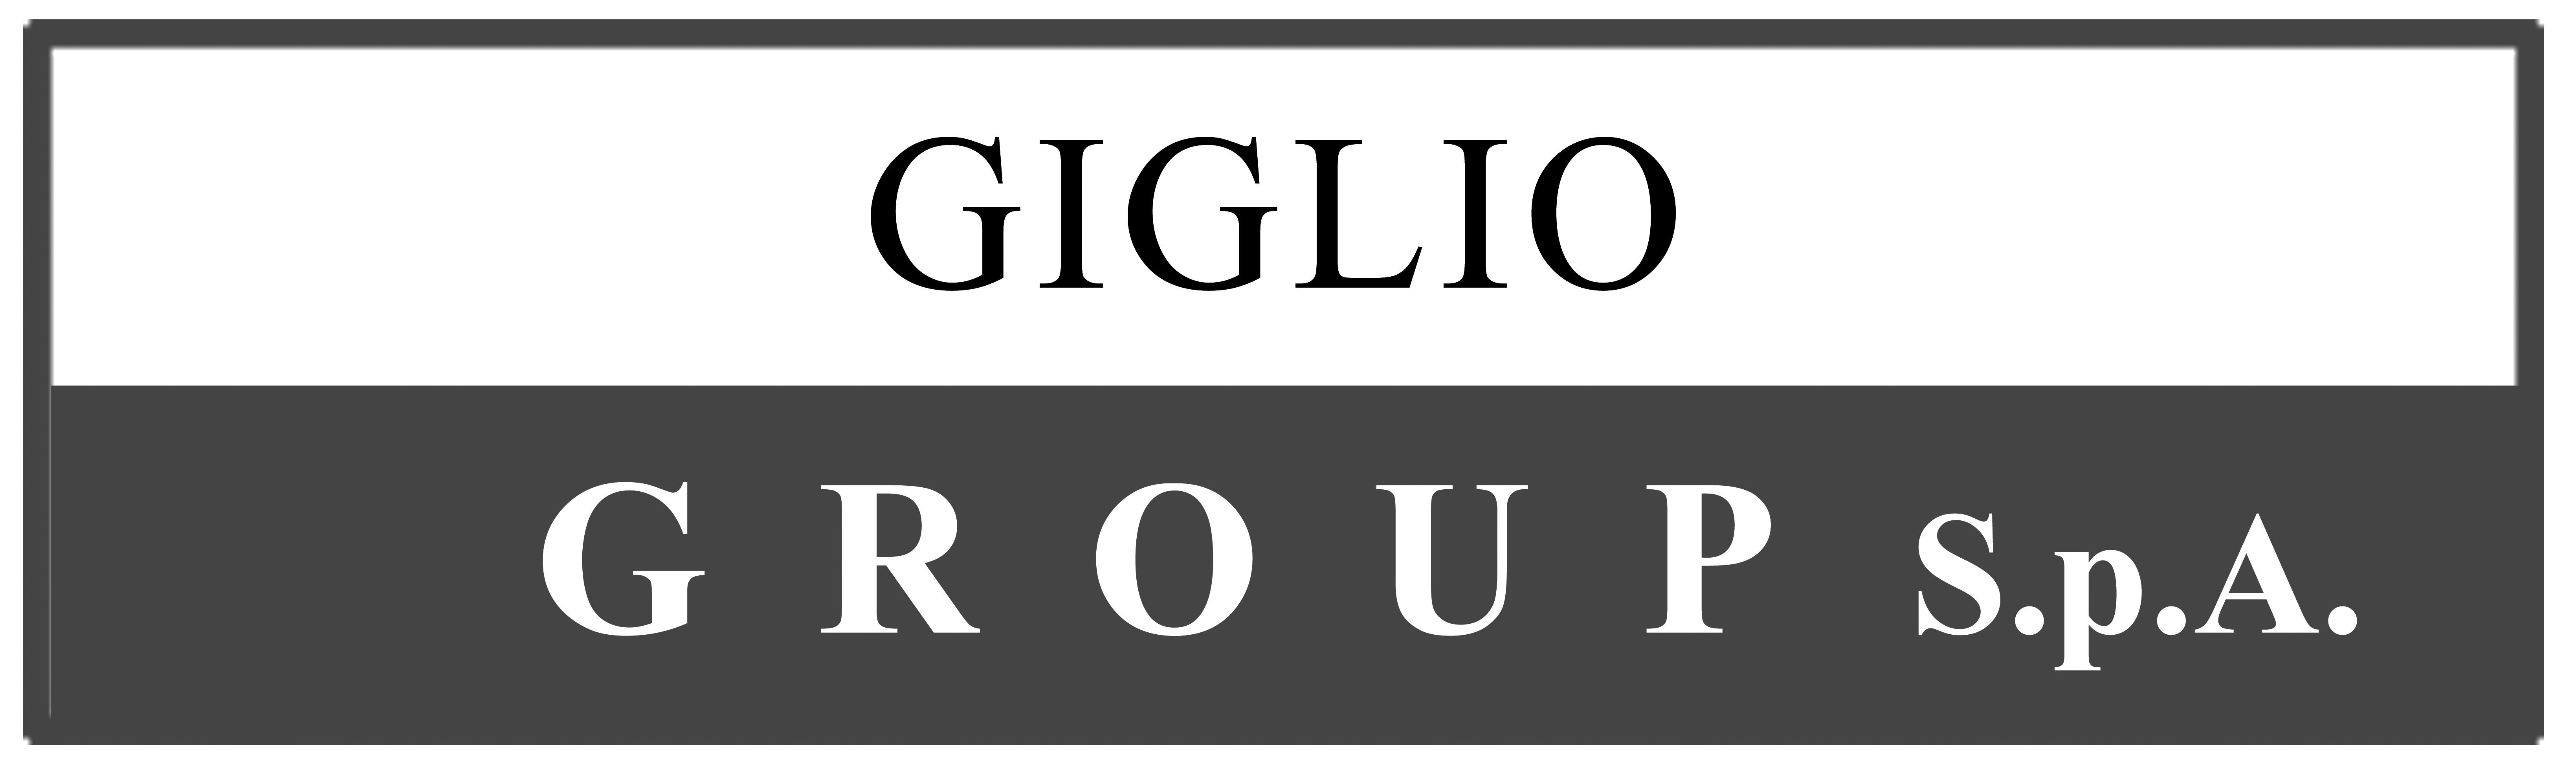 Logo Giglio_da usare per Mostra